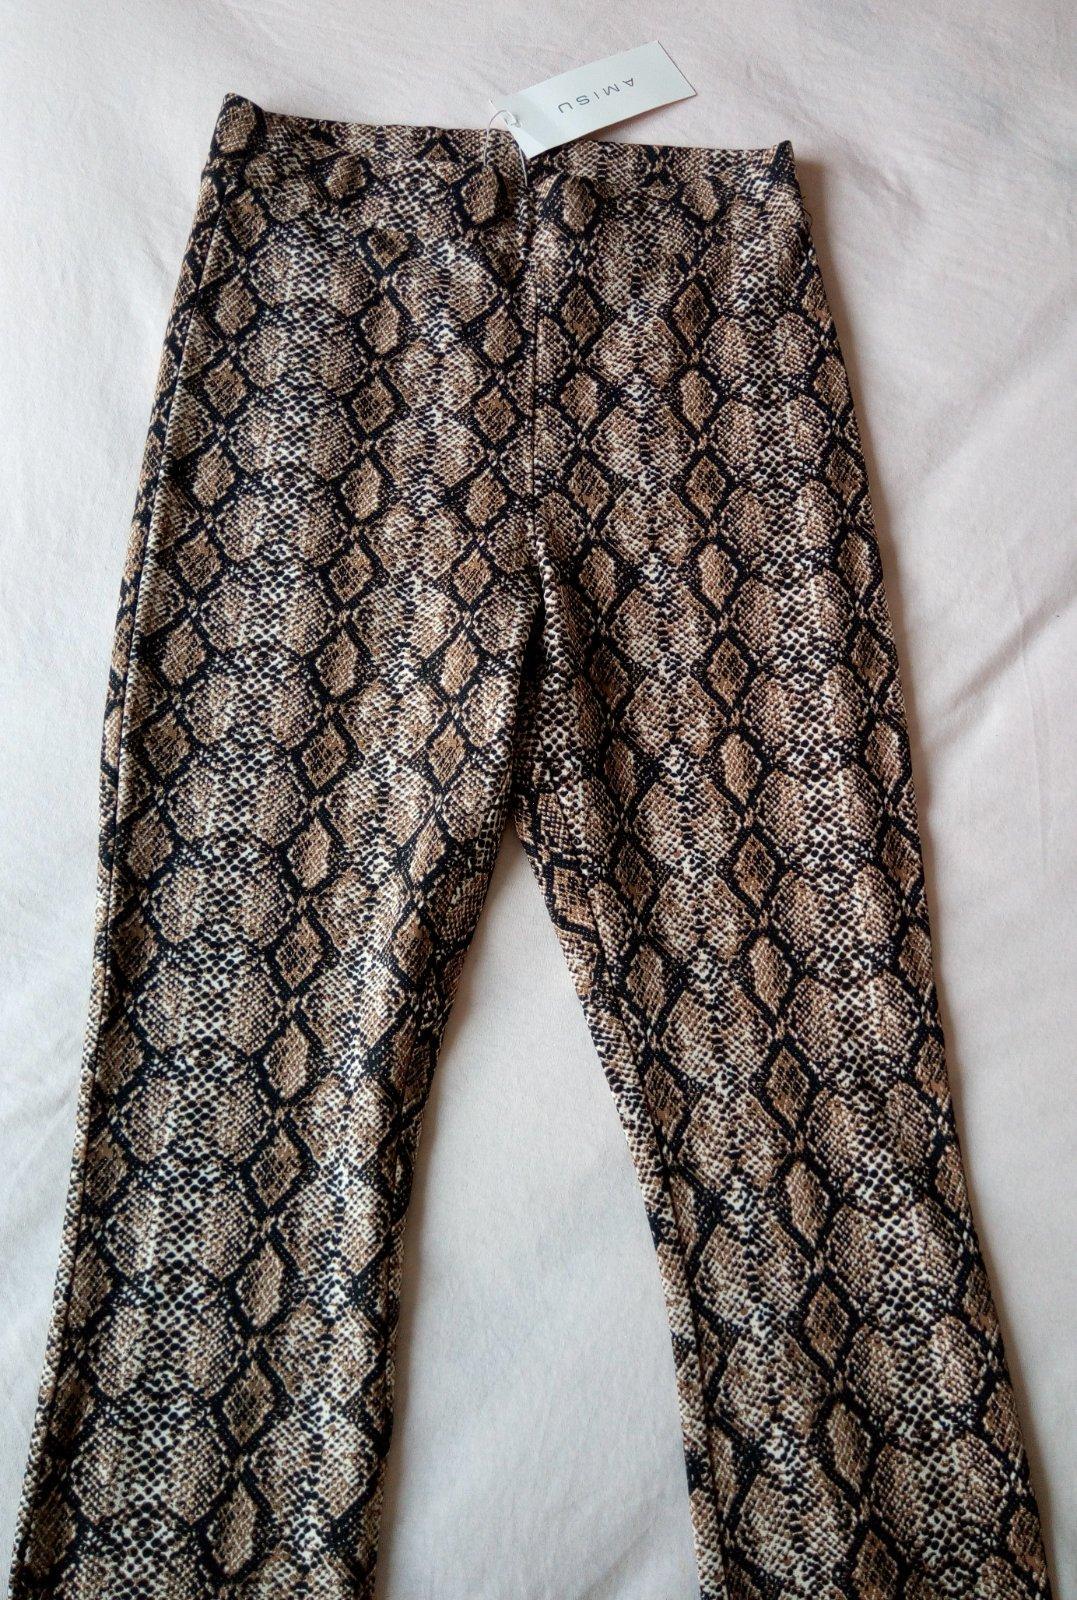 Hnedé hadie legínové nohavice Amisu S - Obrázok č. 3